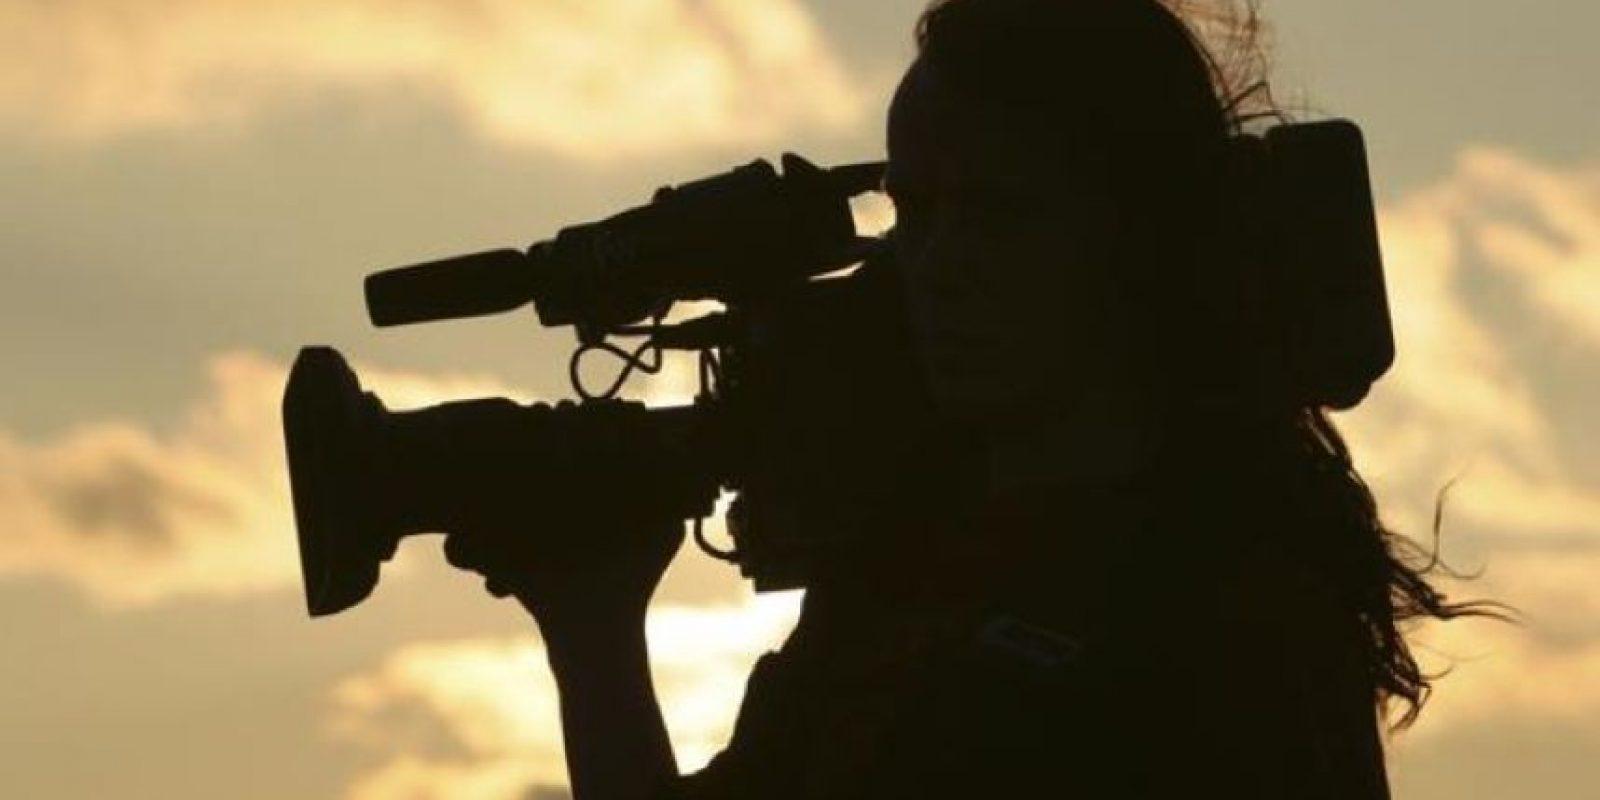 El director gana de mil a tres mil dólares por película. Foto:Pixabay. Imagen Por: